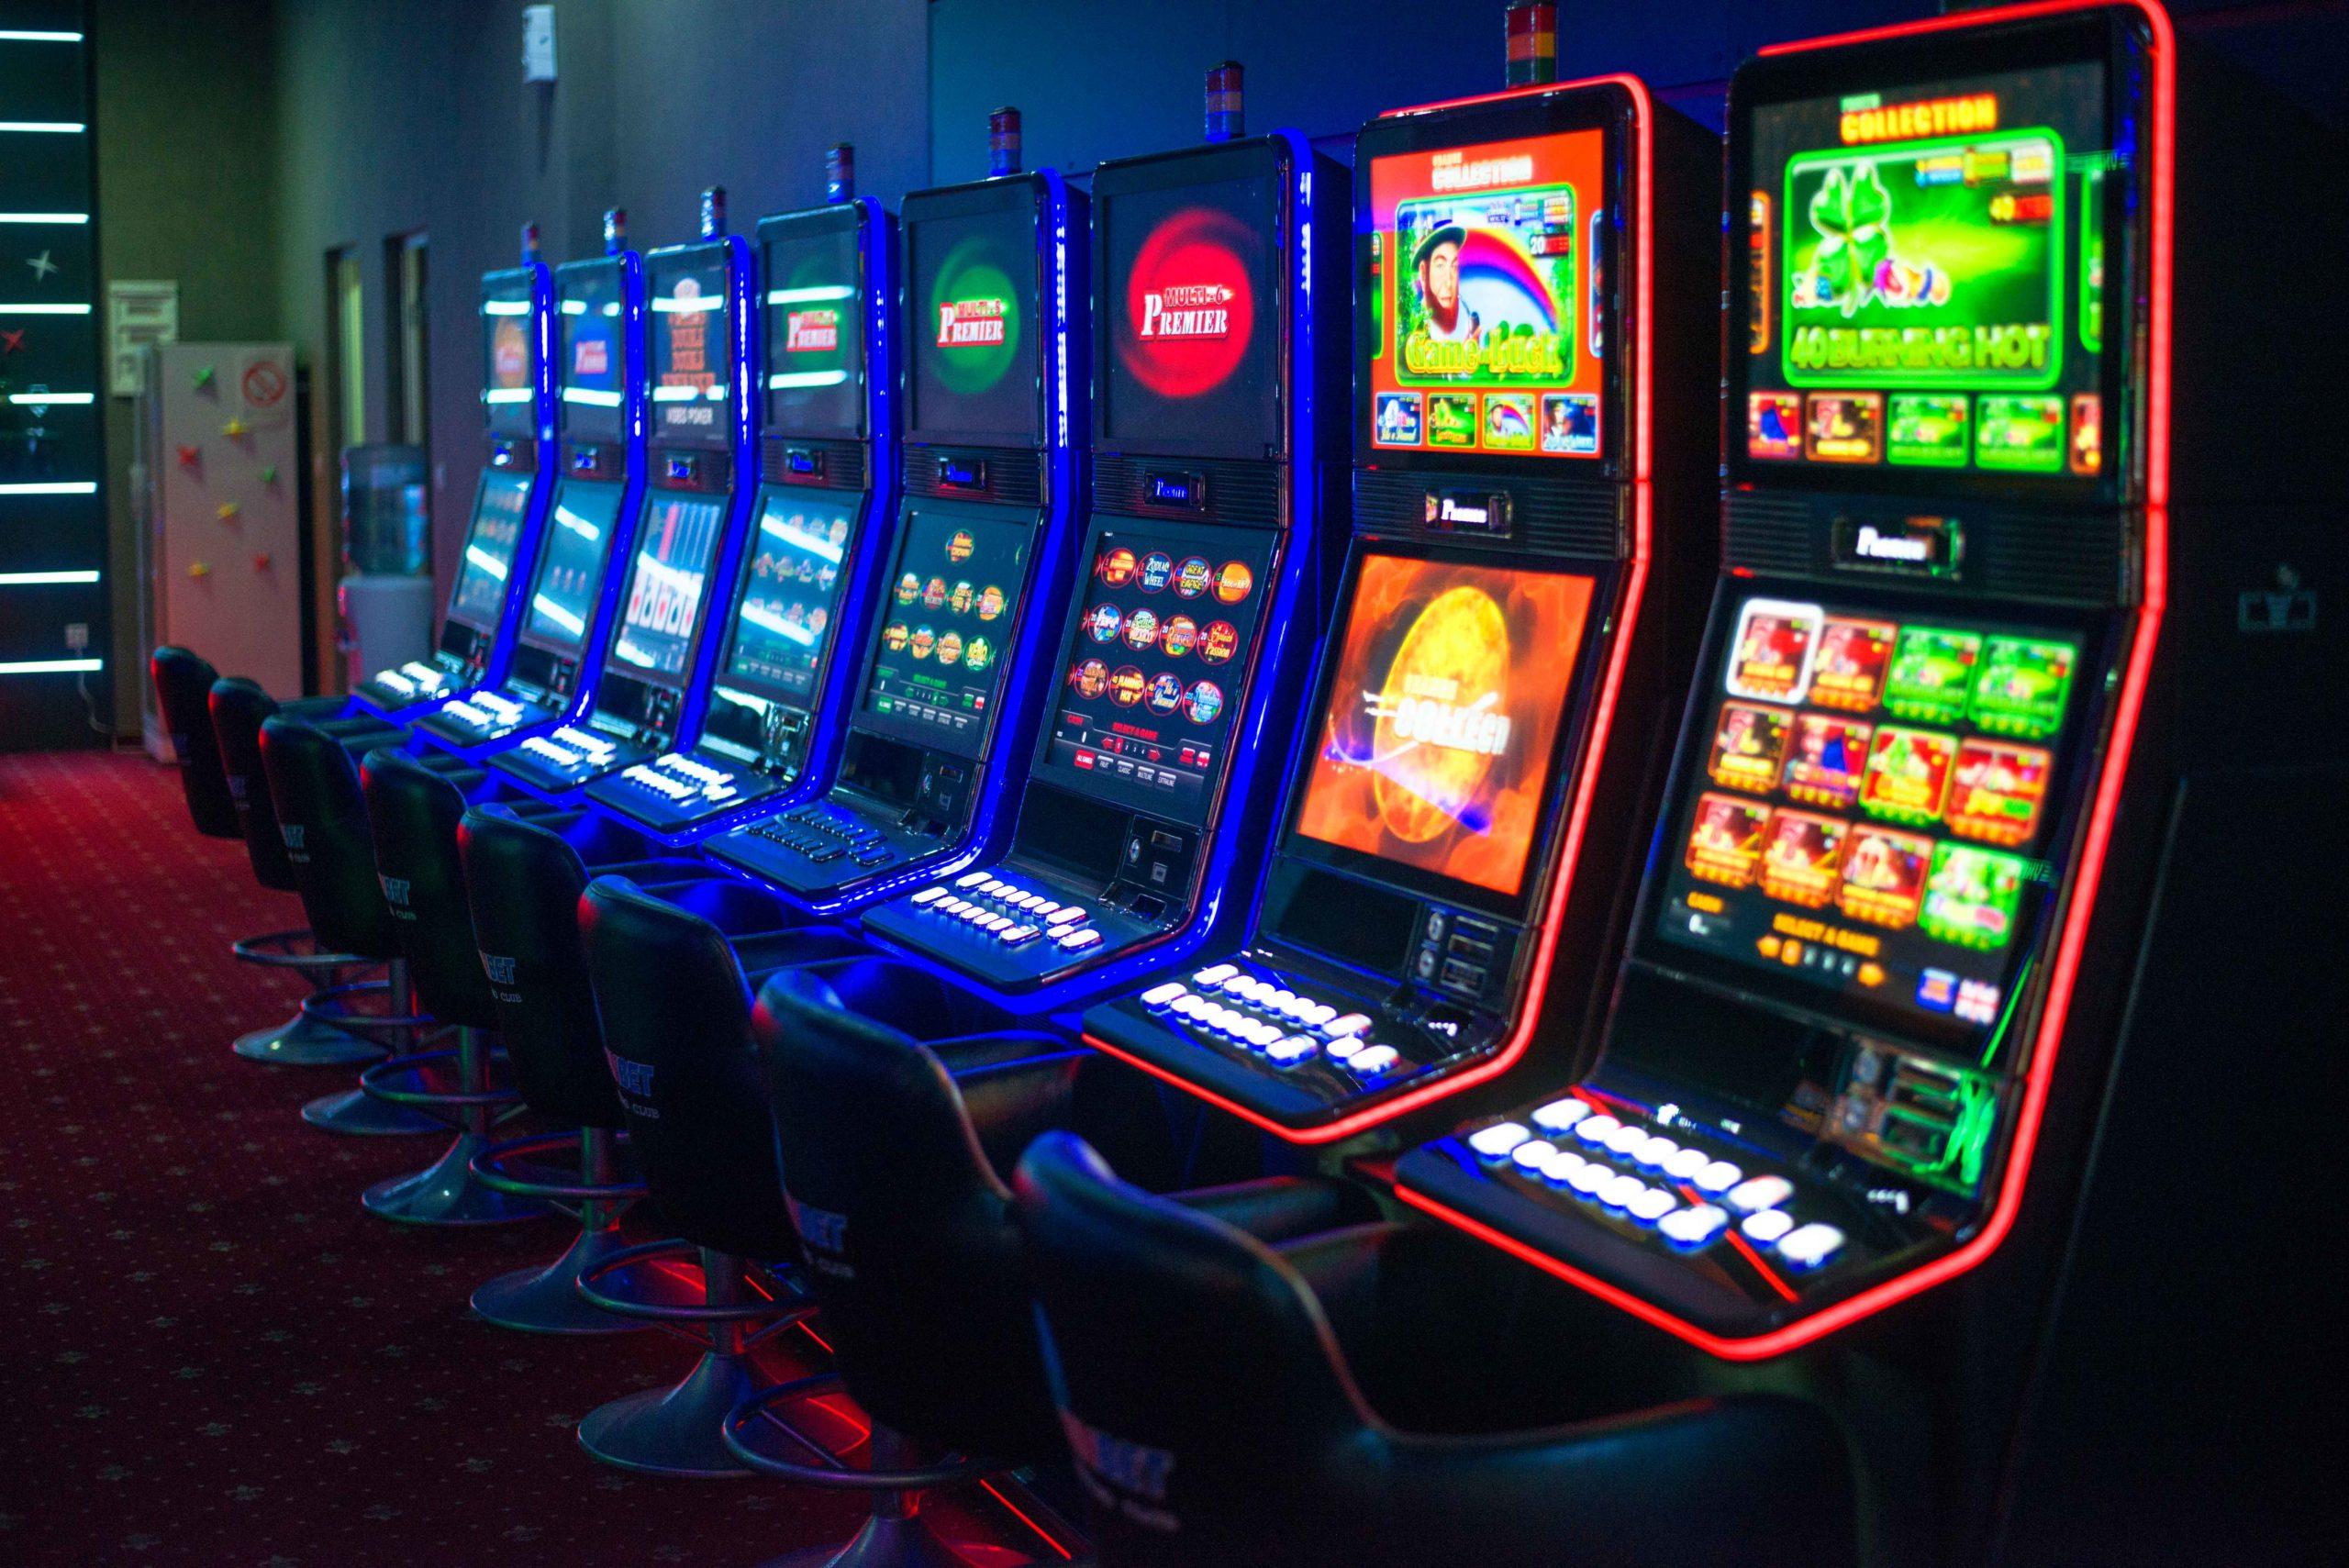 Онлайн казино интернет кафе показать как играть в карты